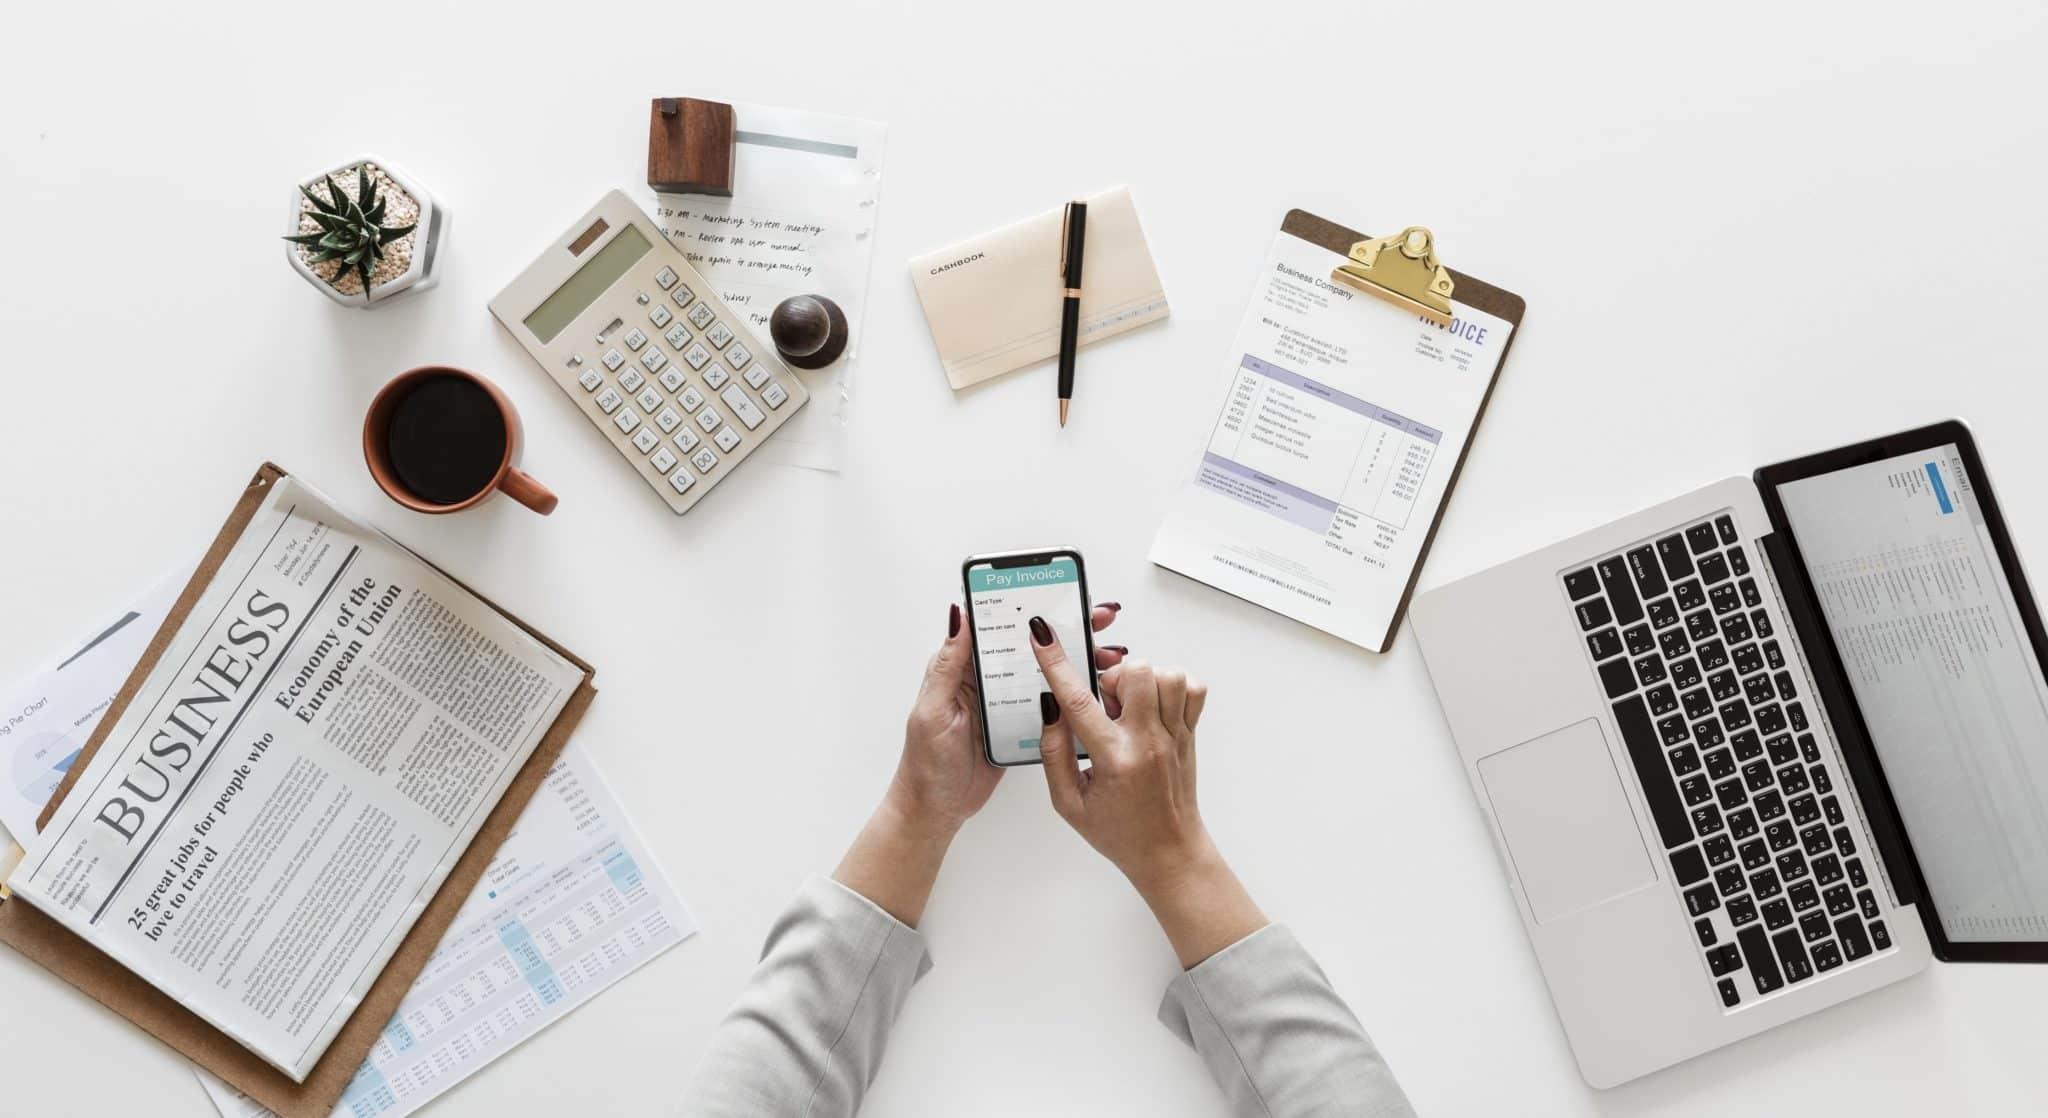 Gérer son patrimoine : Les meilleures sources d'information financières